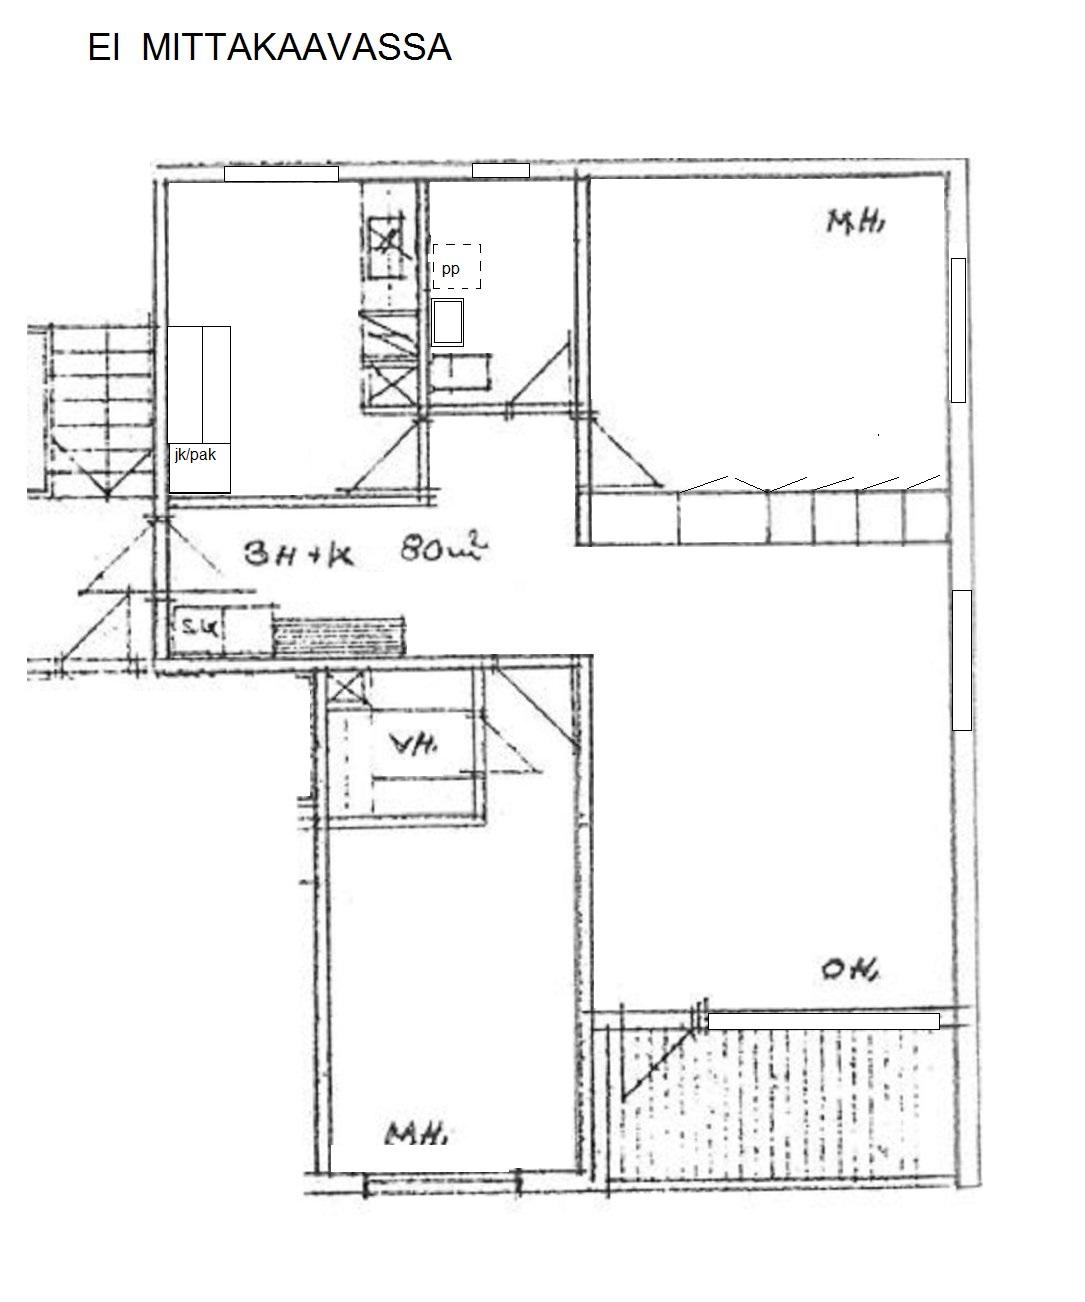 Kanta-Loimaantie 5, Loimaa